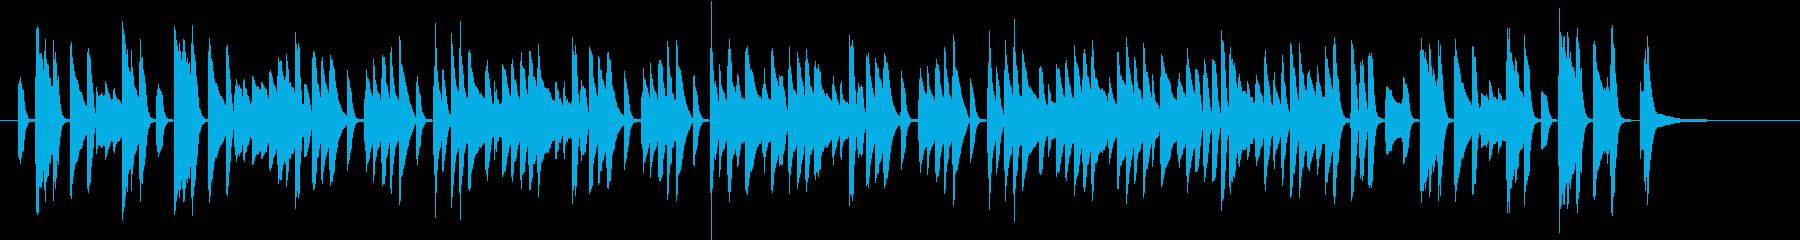 あやしくコミカルなピアノソロの再生済みの波形